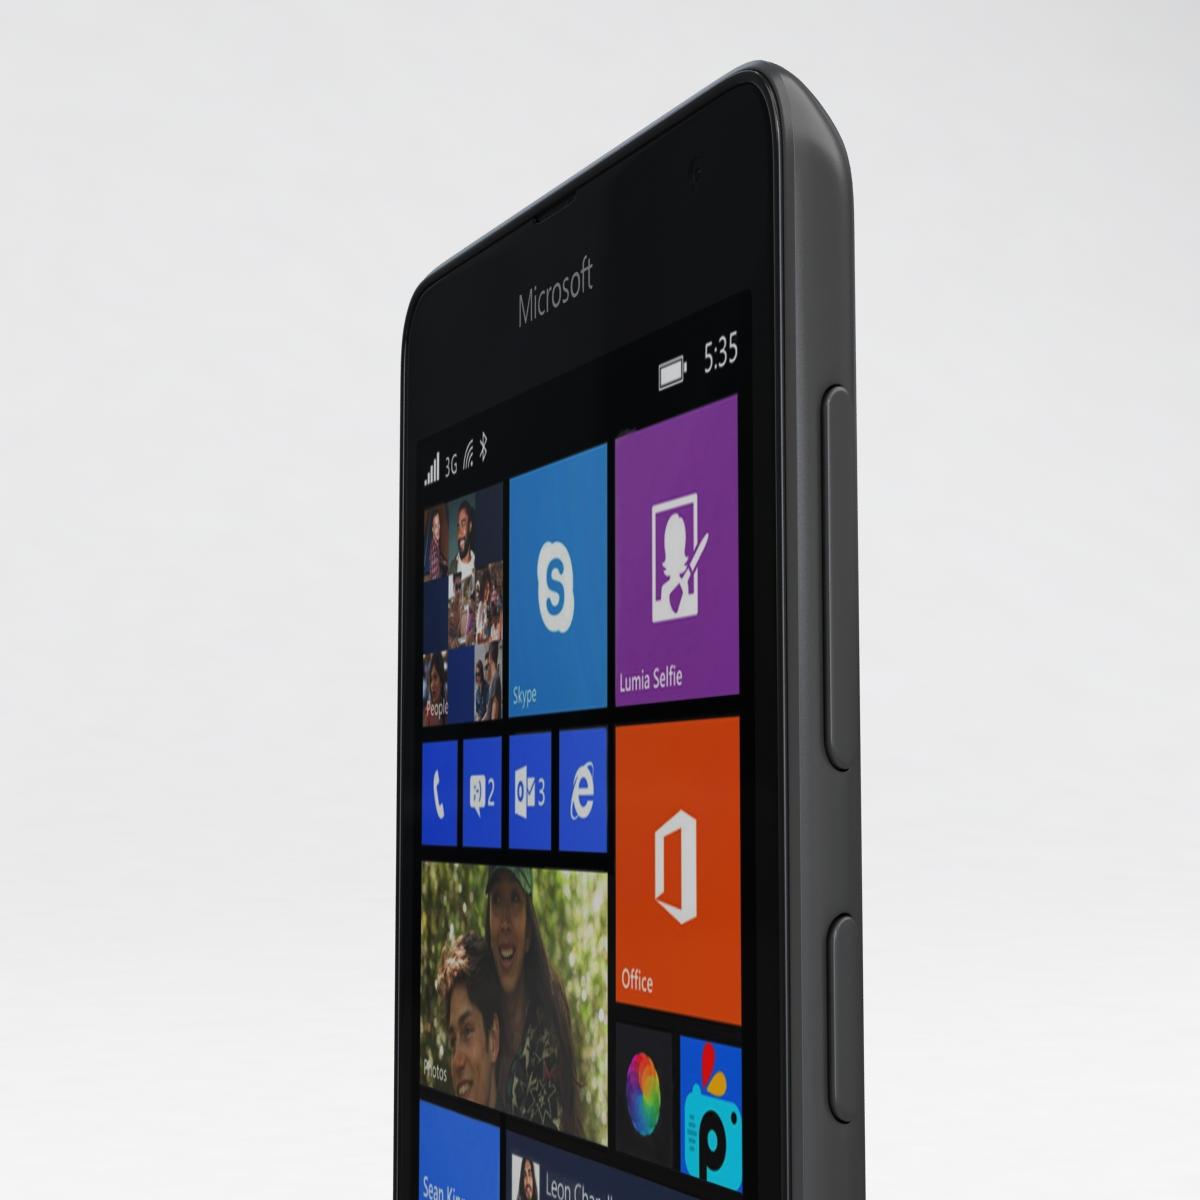 microsoft lumia 535 and dual sim all colors 3d model 3ds max fbx c4d obj 204693